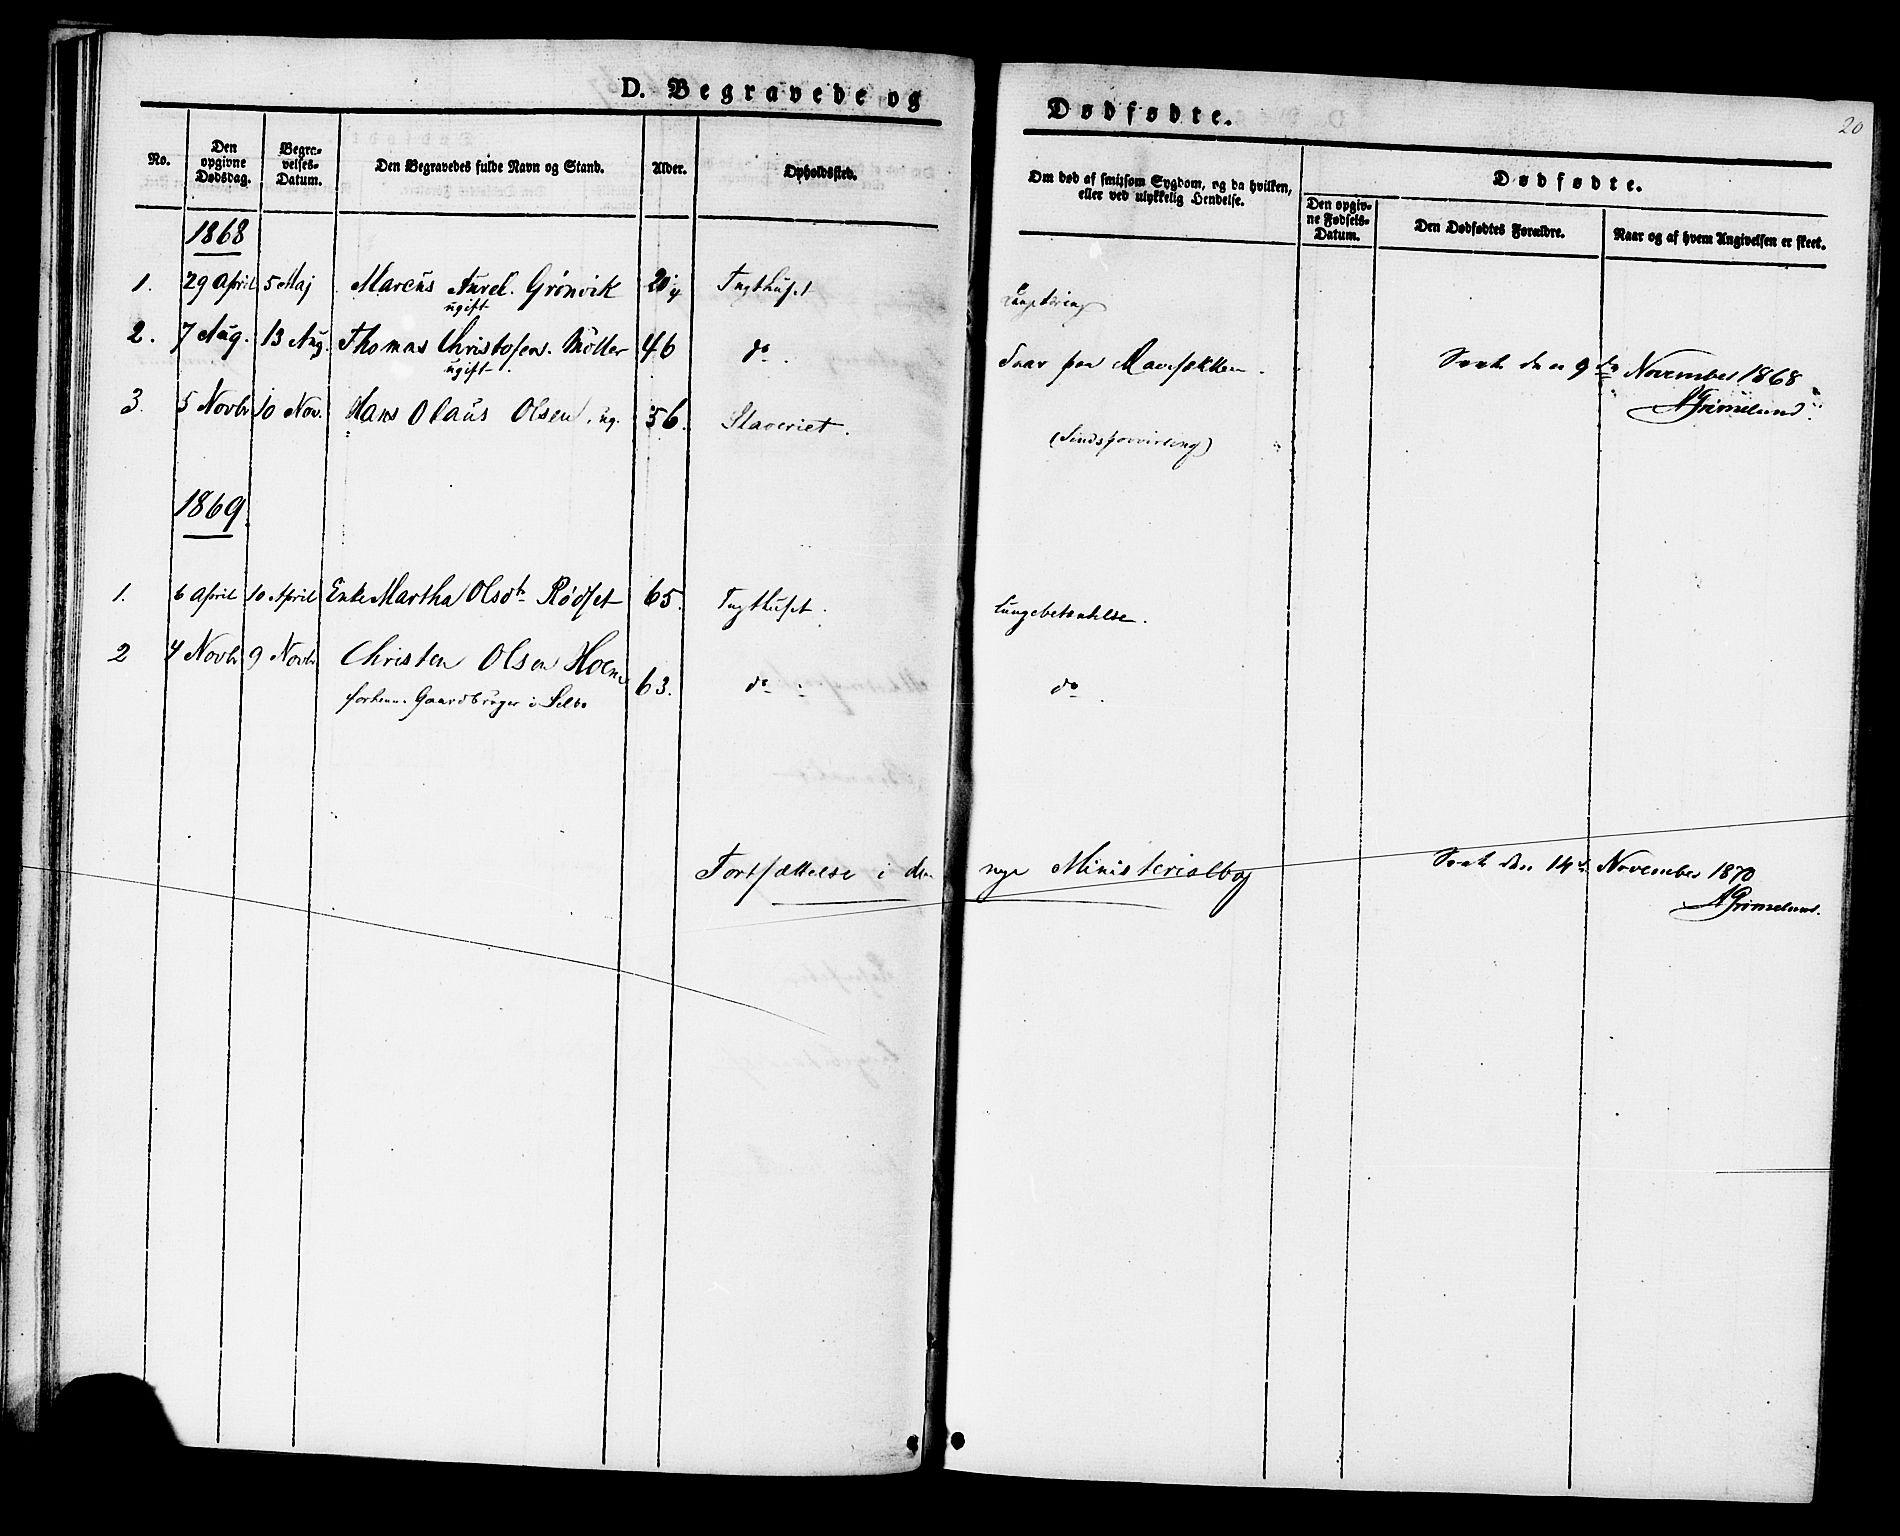 SAT, Ministerialprotokoller, klokkerbøker og fødselsregistre - Sør-Trøndelag, 624/L0481: Ministerialbok nr. 624A02, 1841-1869, s. 20